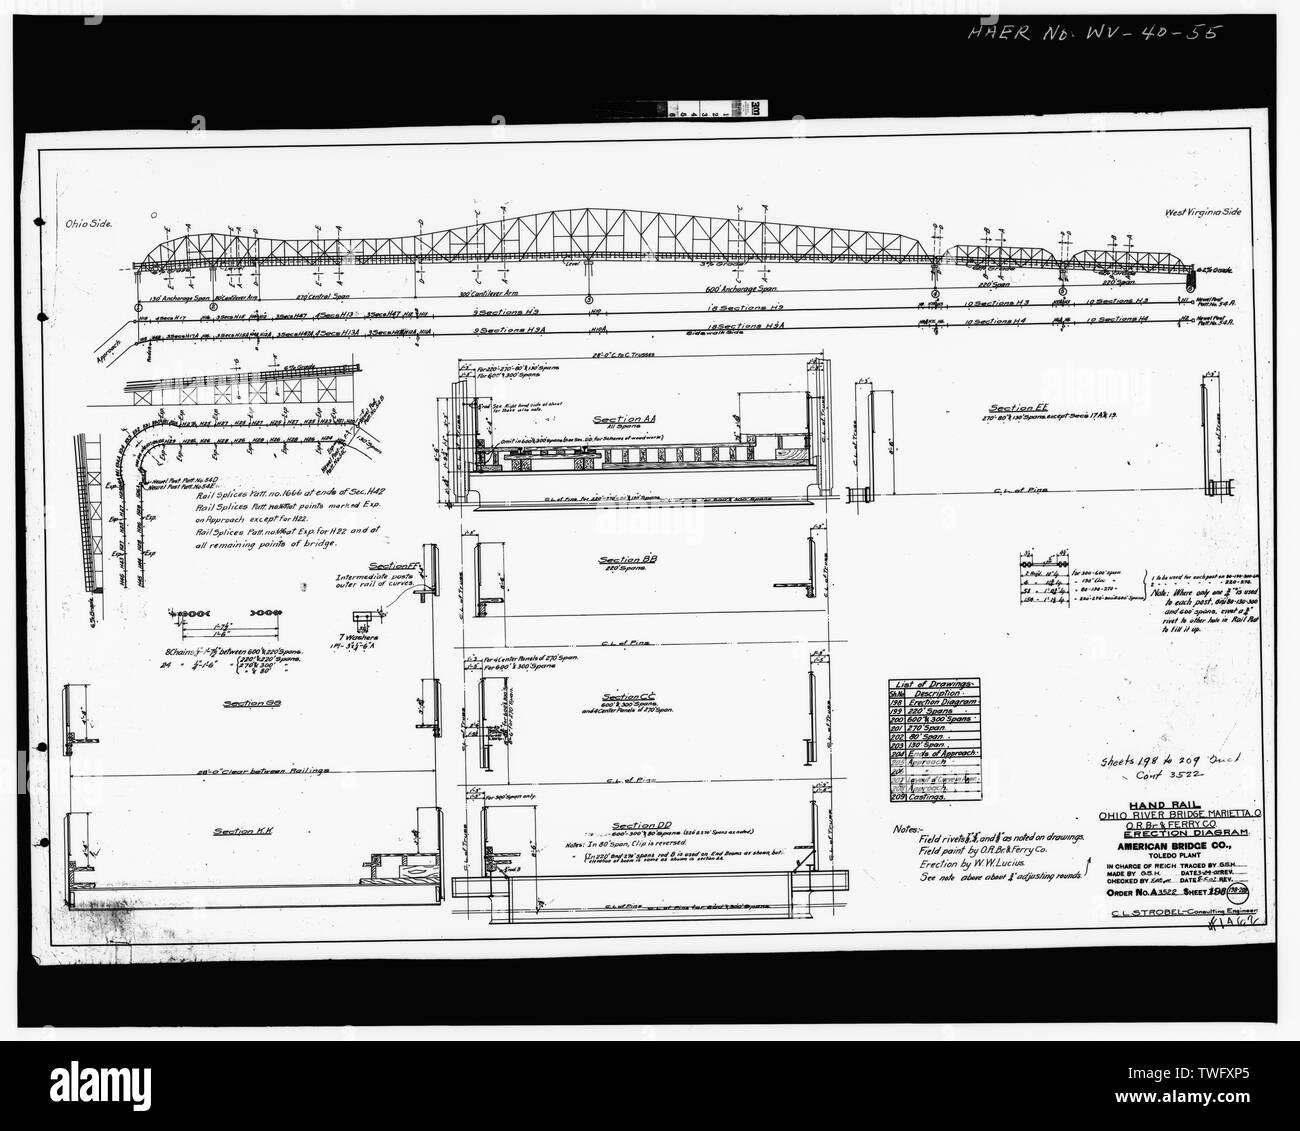 Plan Sheet -198 - Williamstown-Marietta Bridge, Spanning